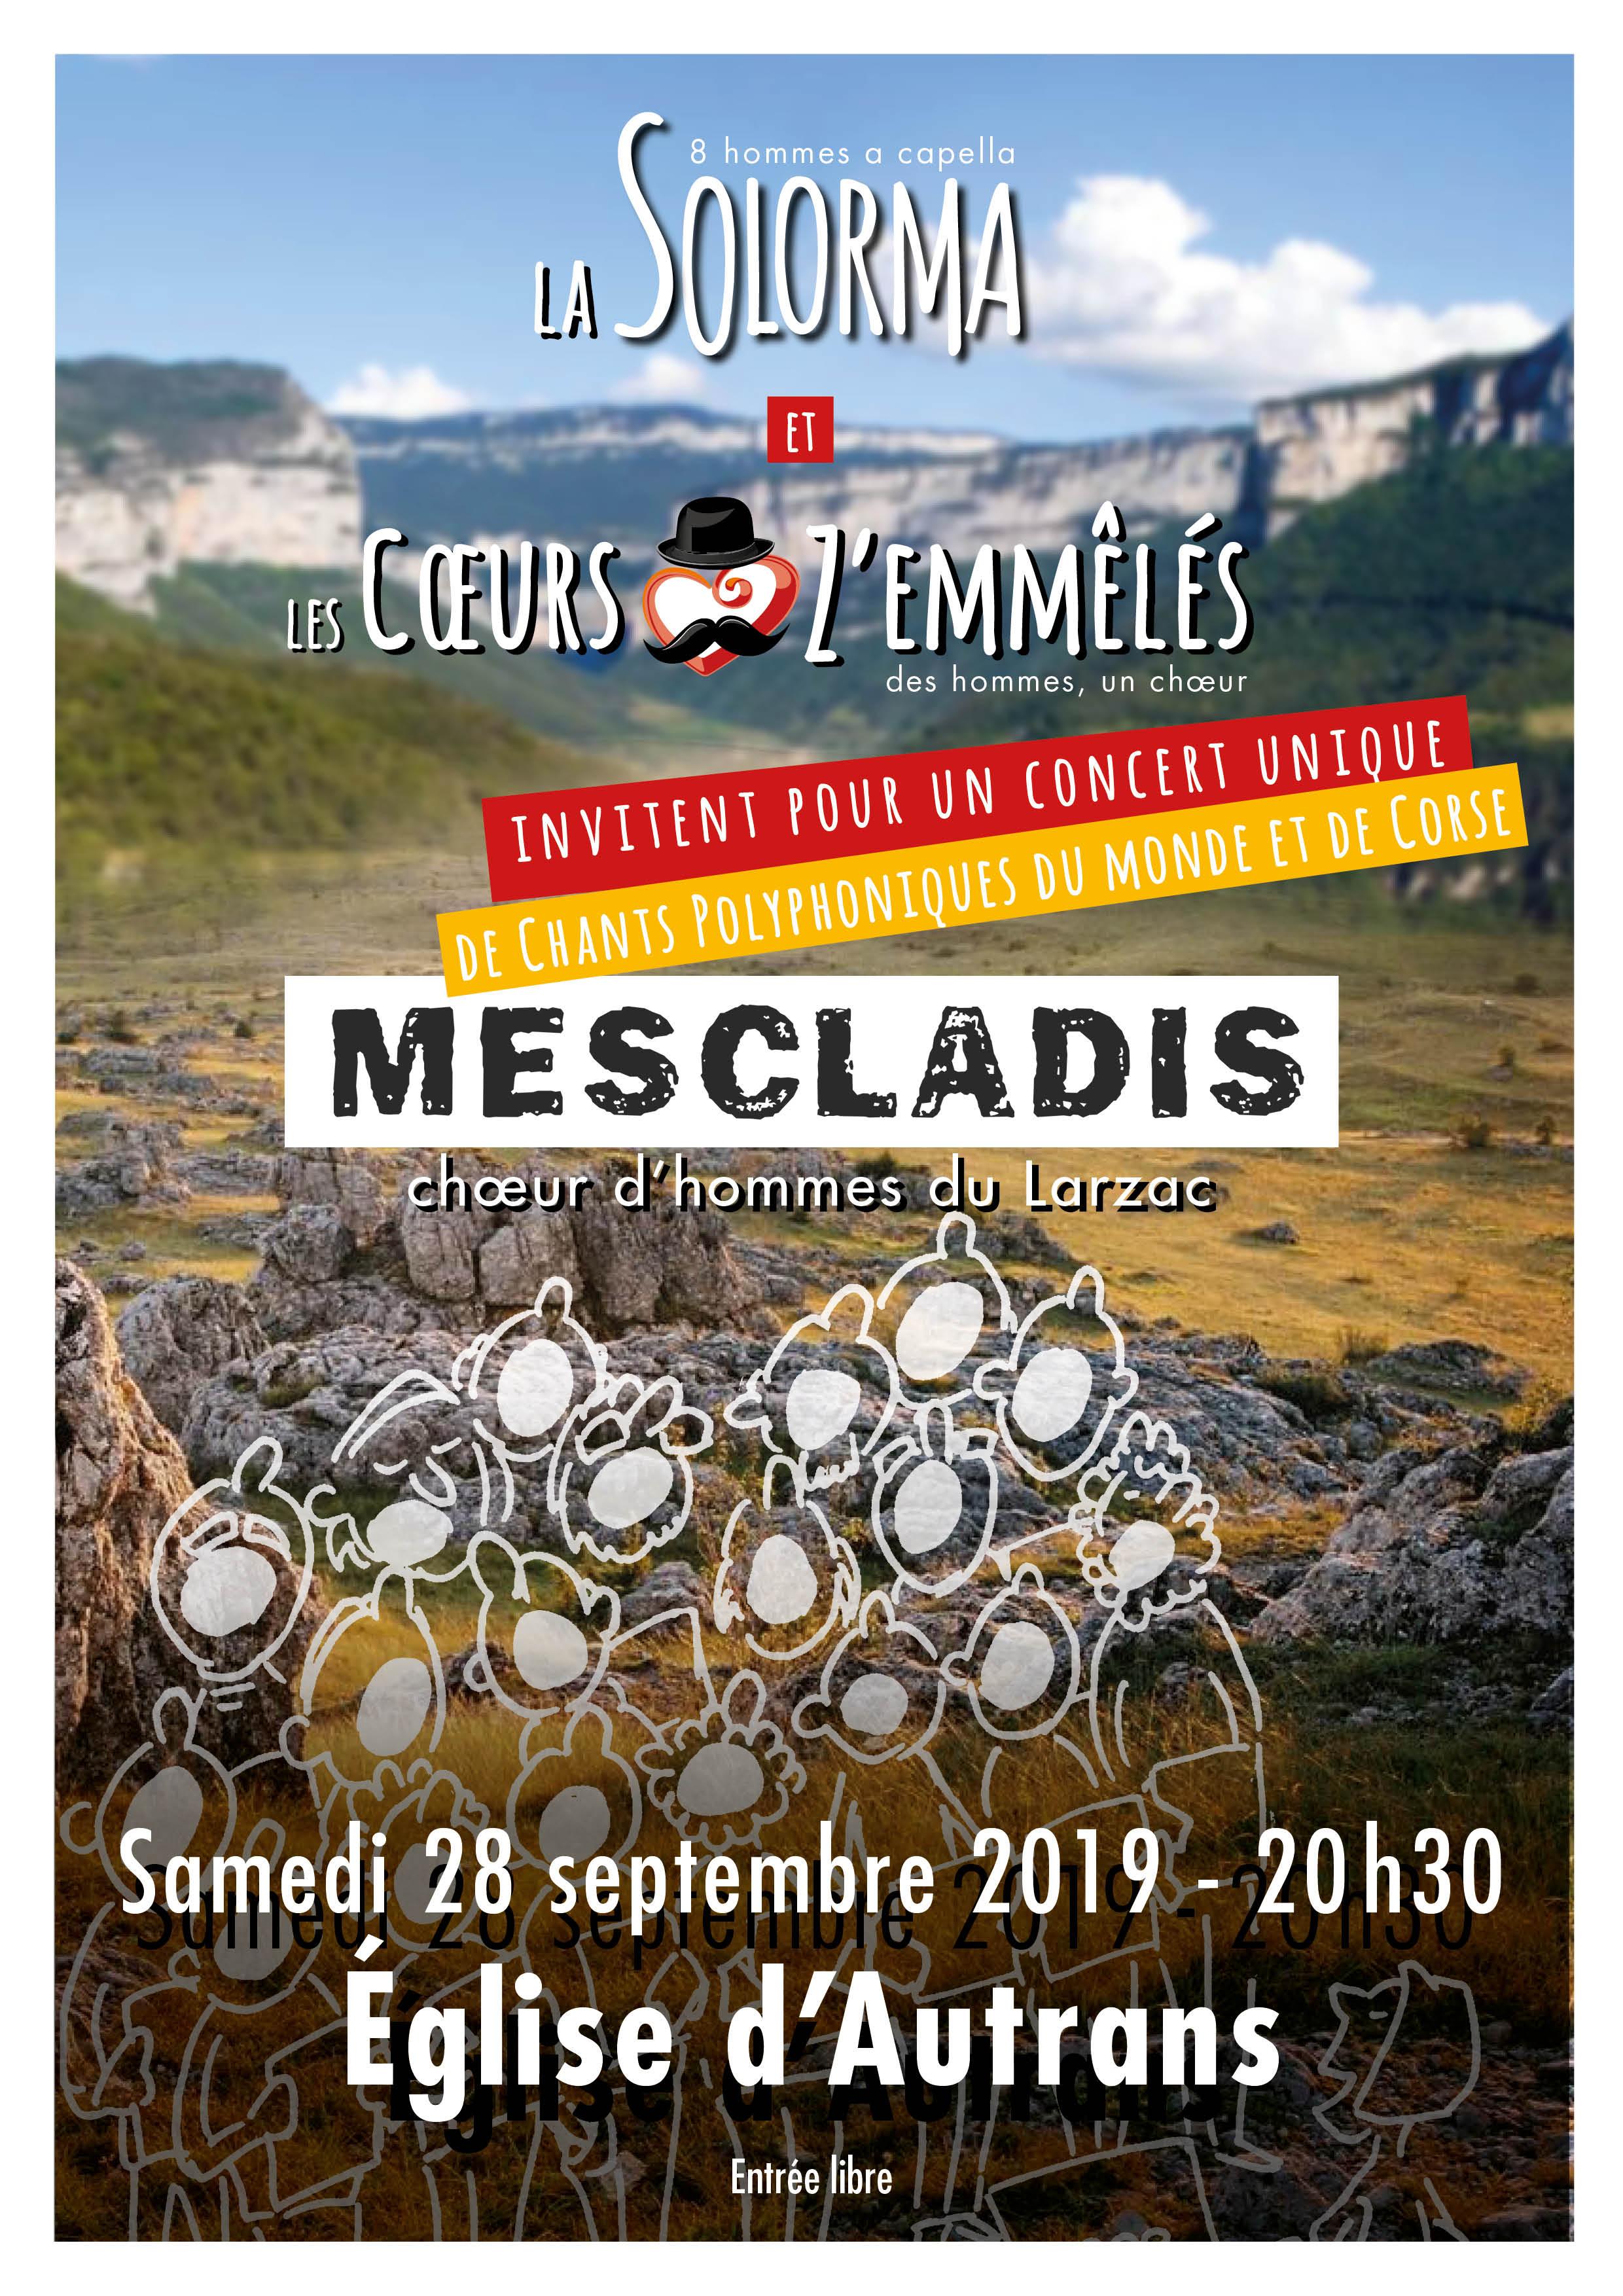 Affiche autrans-Mescladi-Solorma-Zemmeles-sept2019 jpg